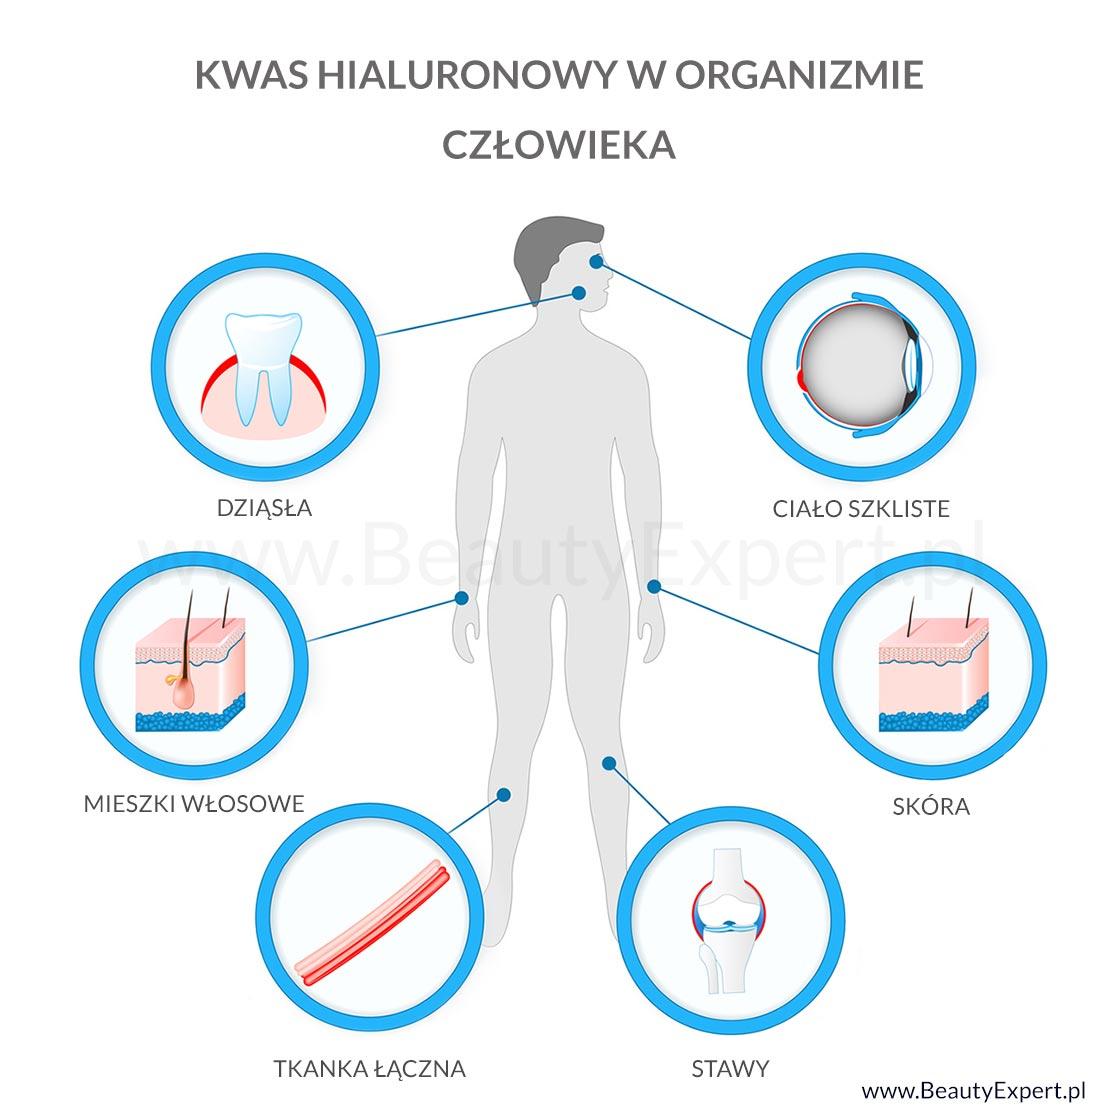 Kwas hialuronowy w organizmie człowieka